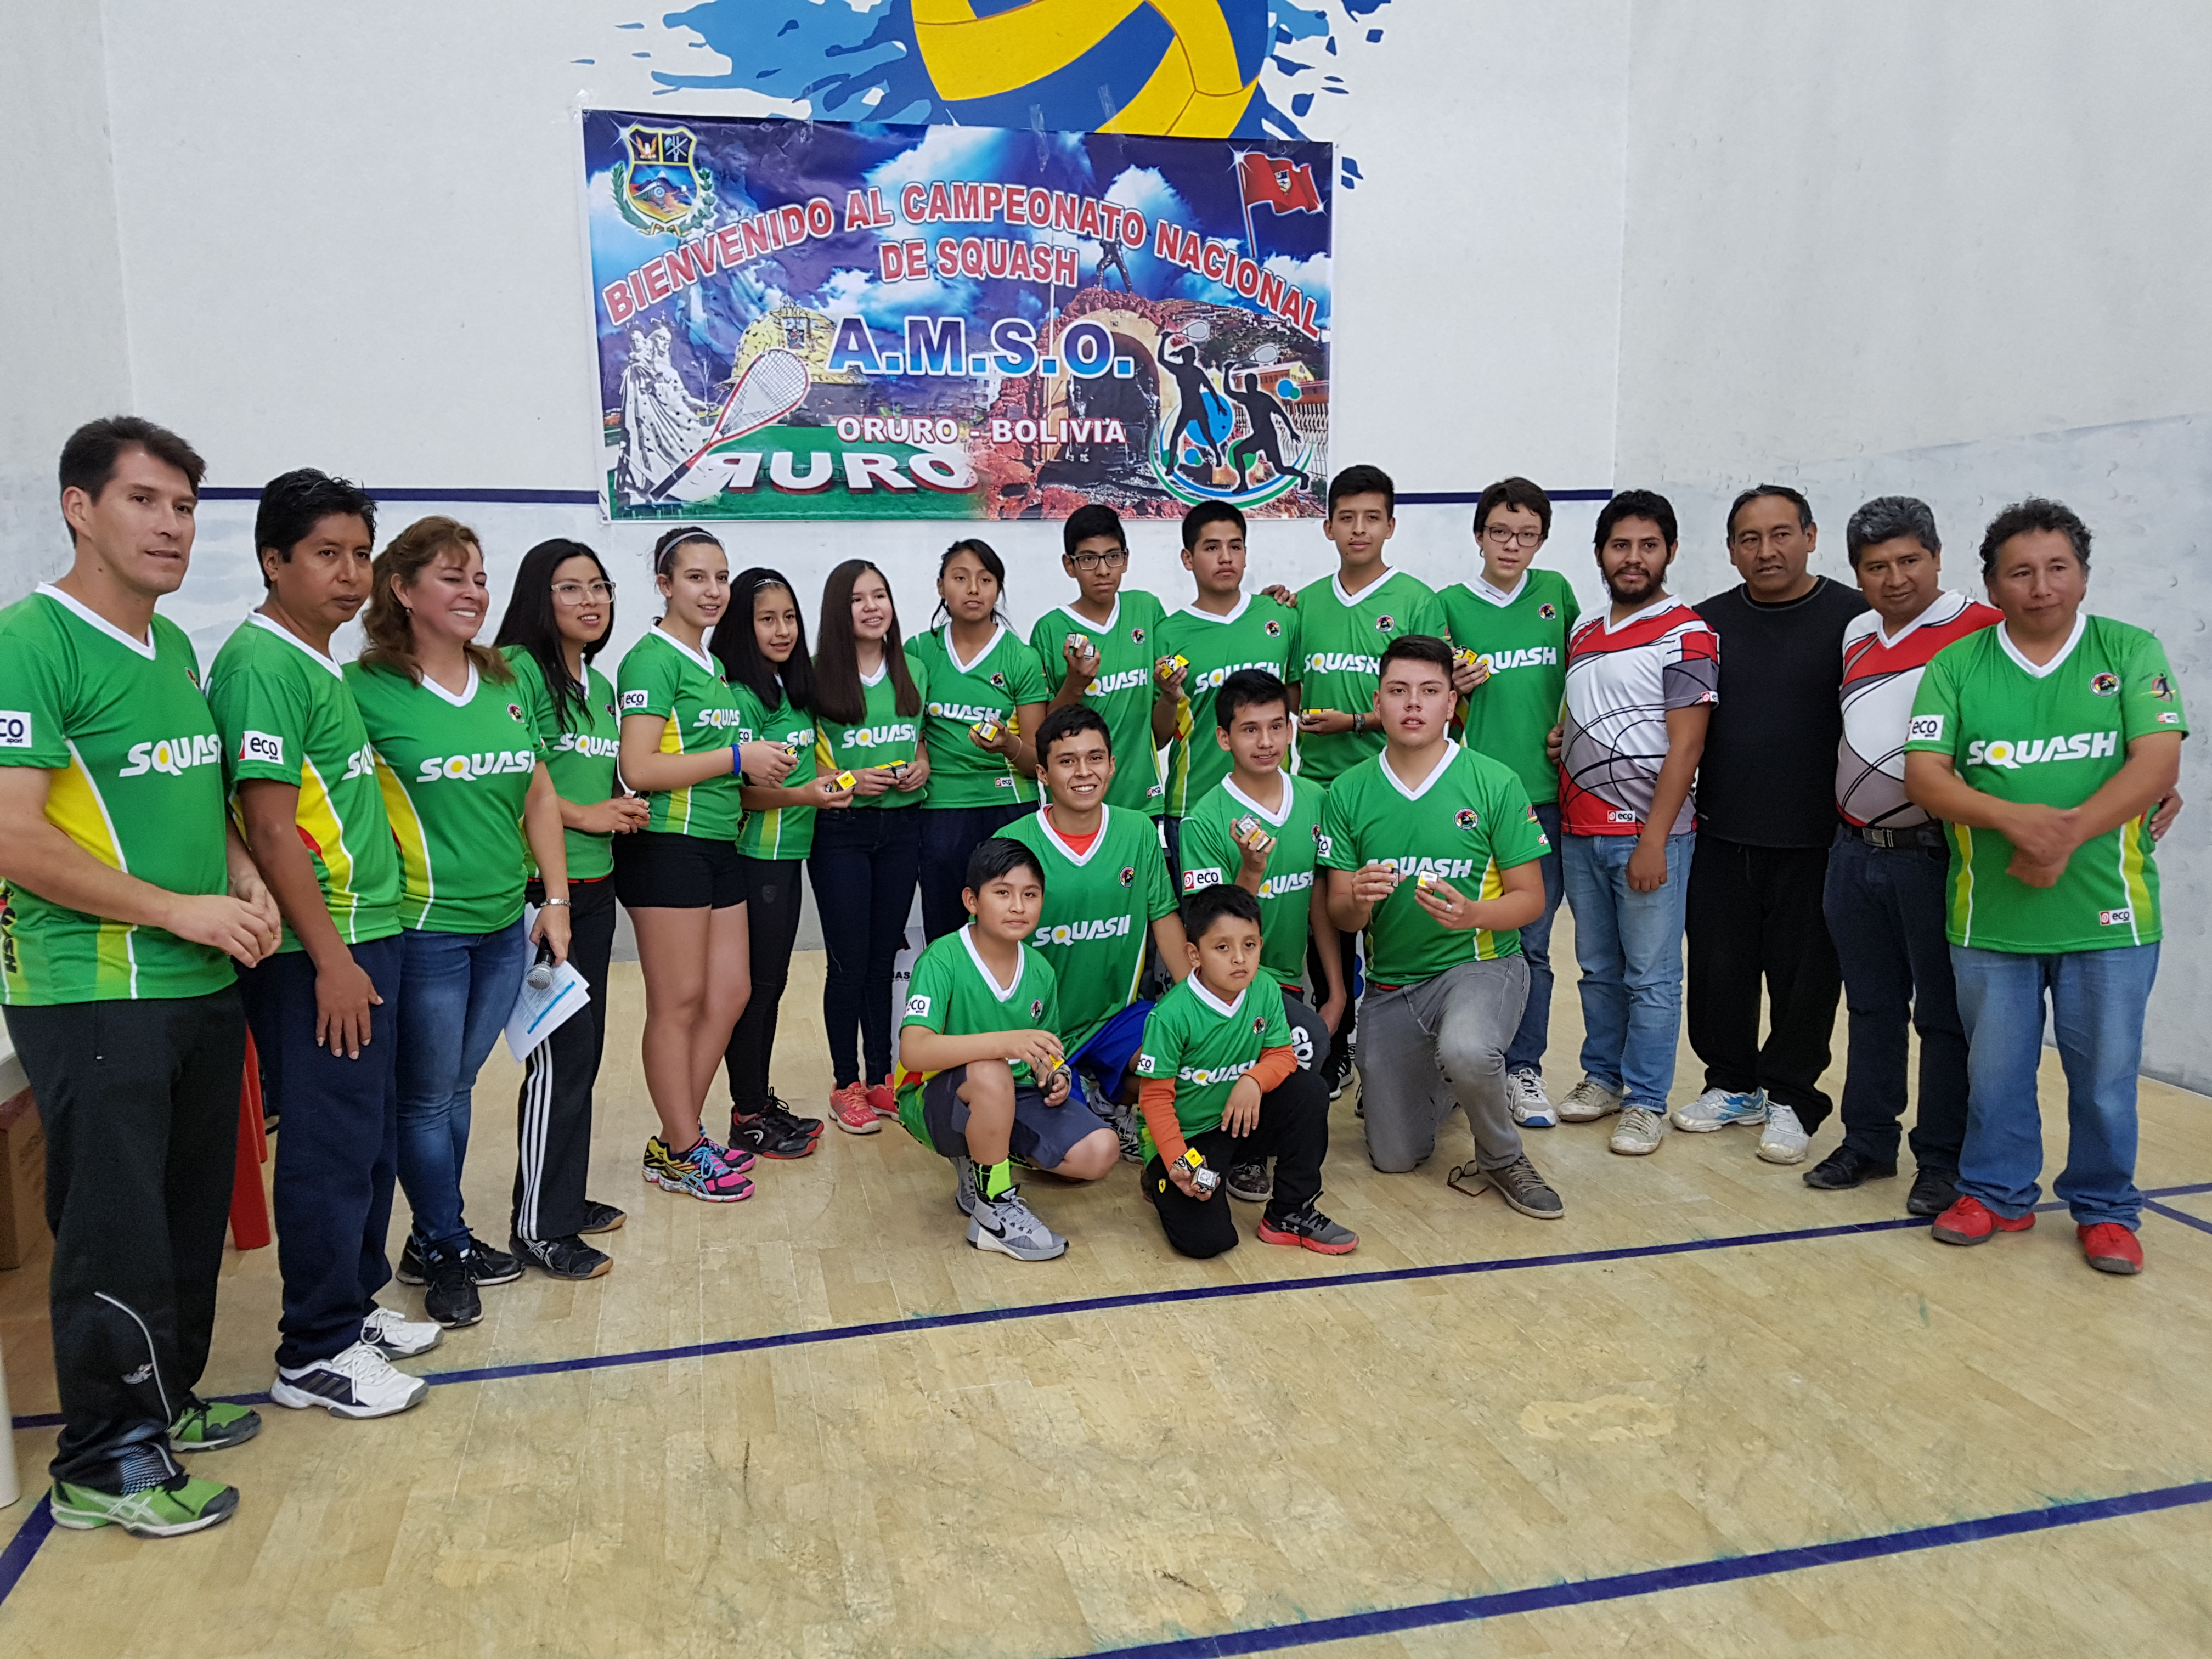 Bolivia presente en el Sudamericano Juvenil de Squash Lima 2018